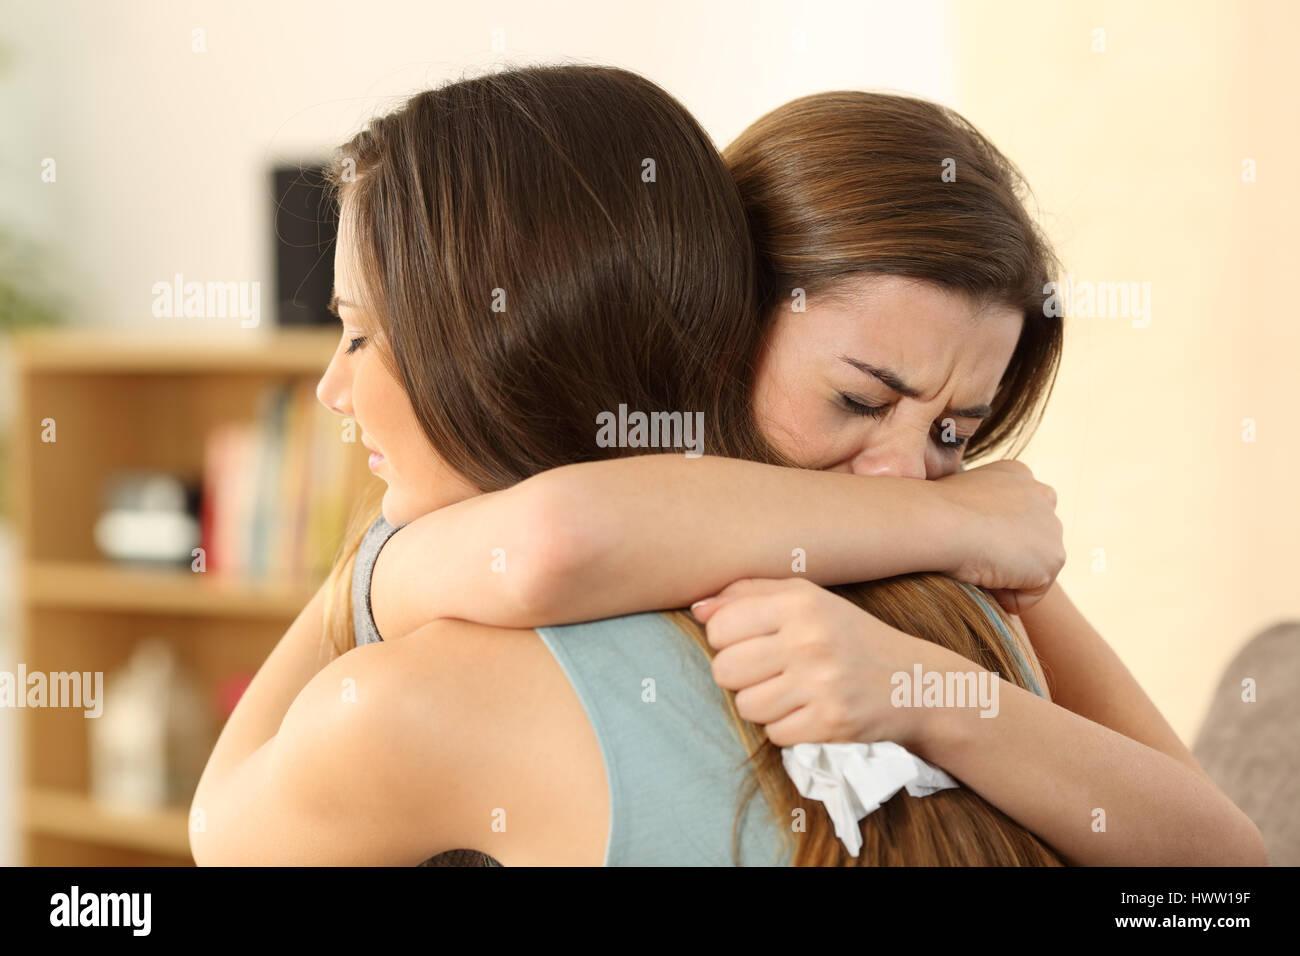 Chica abrazando a triste consuelo a su mejor amigo tras romper sentados en un sofá en el salón en casa Imagen De Stock